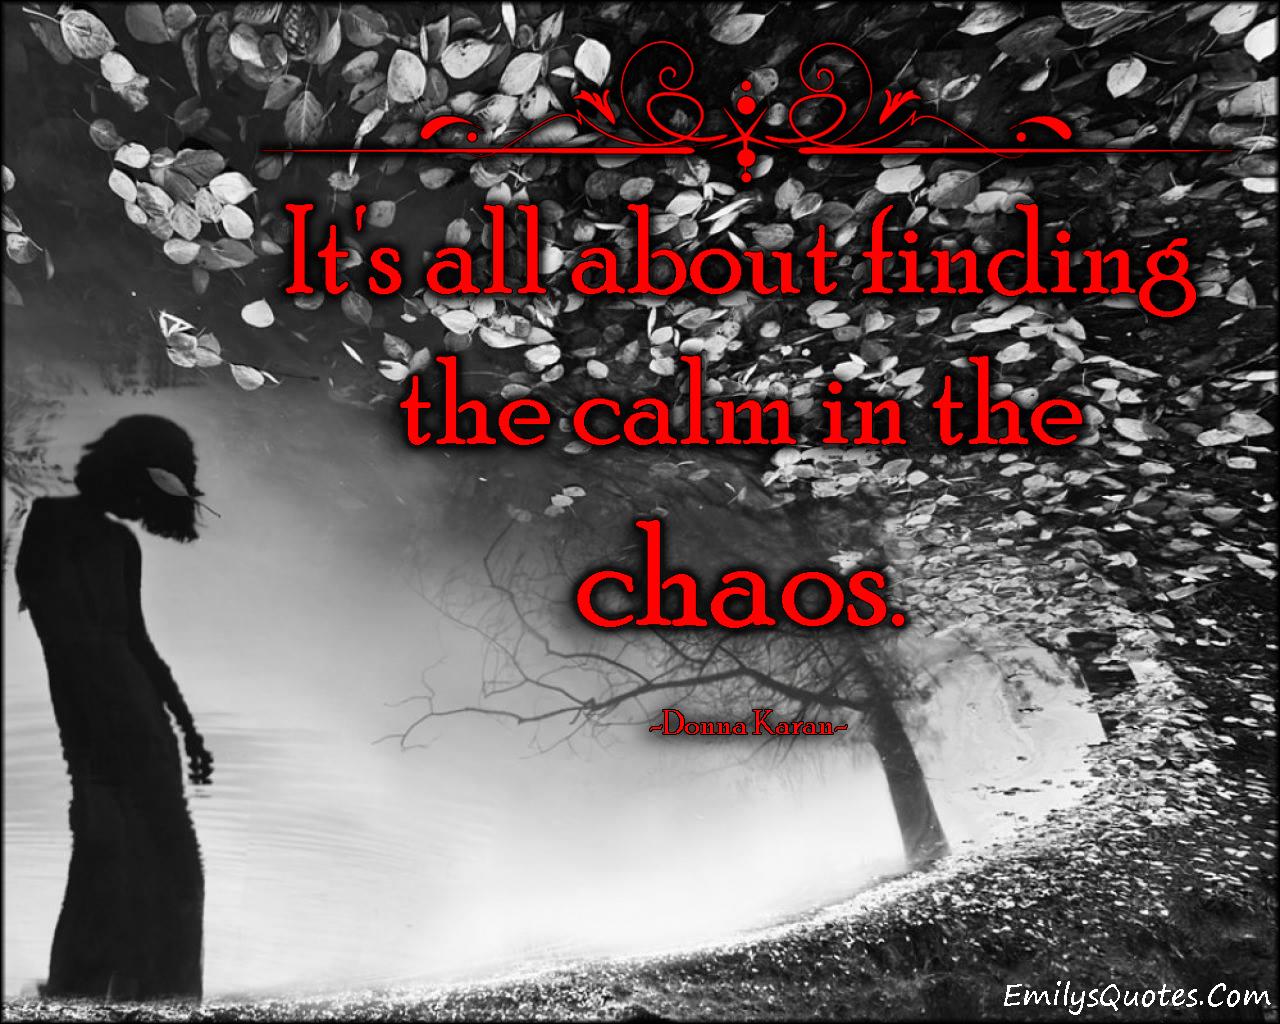 EmilysQuotes.Com - calm, chaos, understanding, inspirational, great, find, Donna Karan